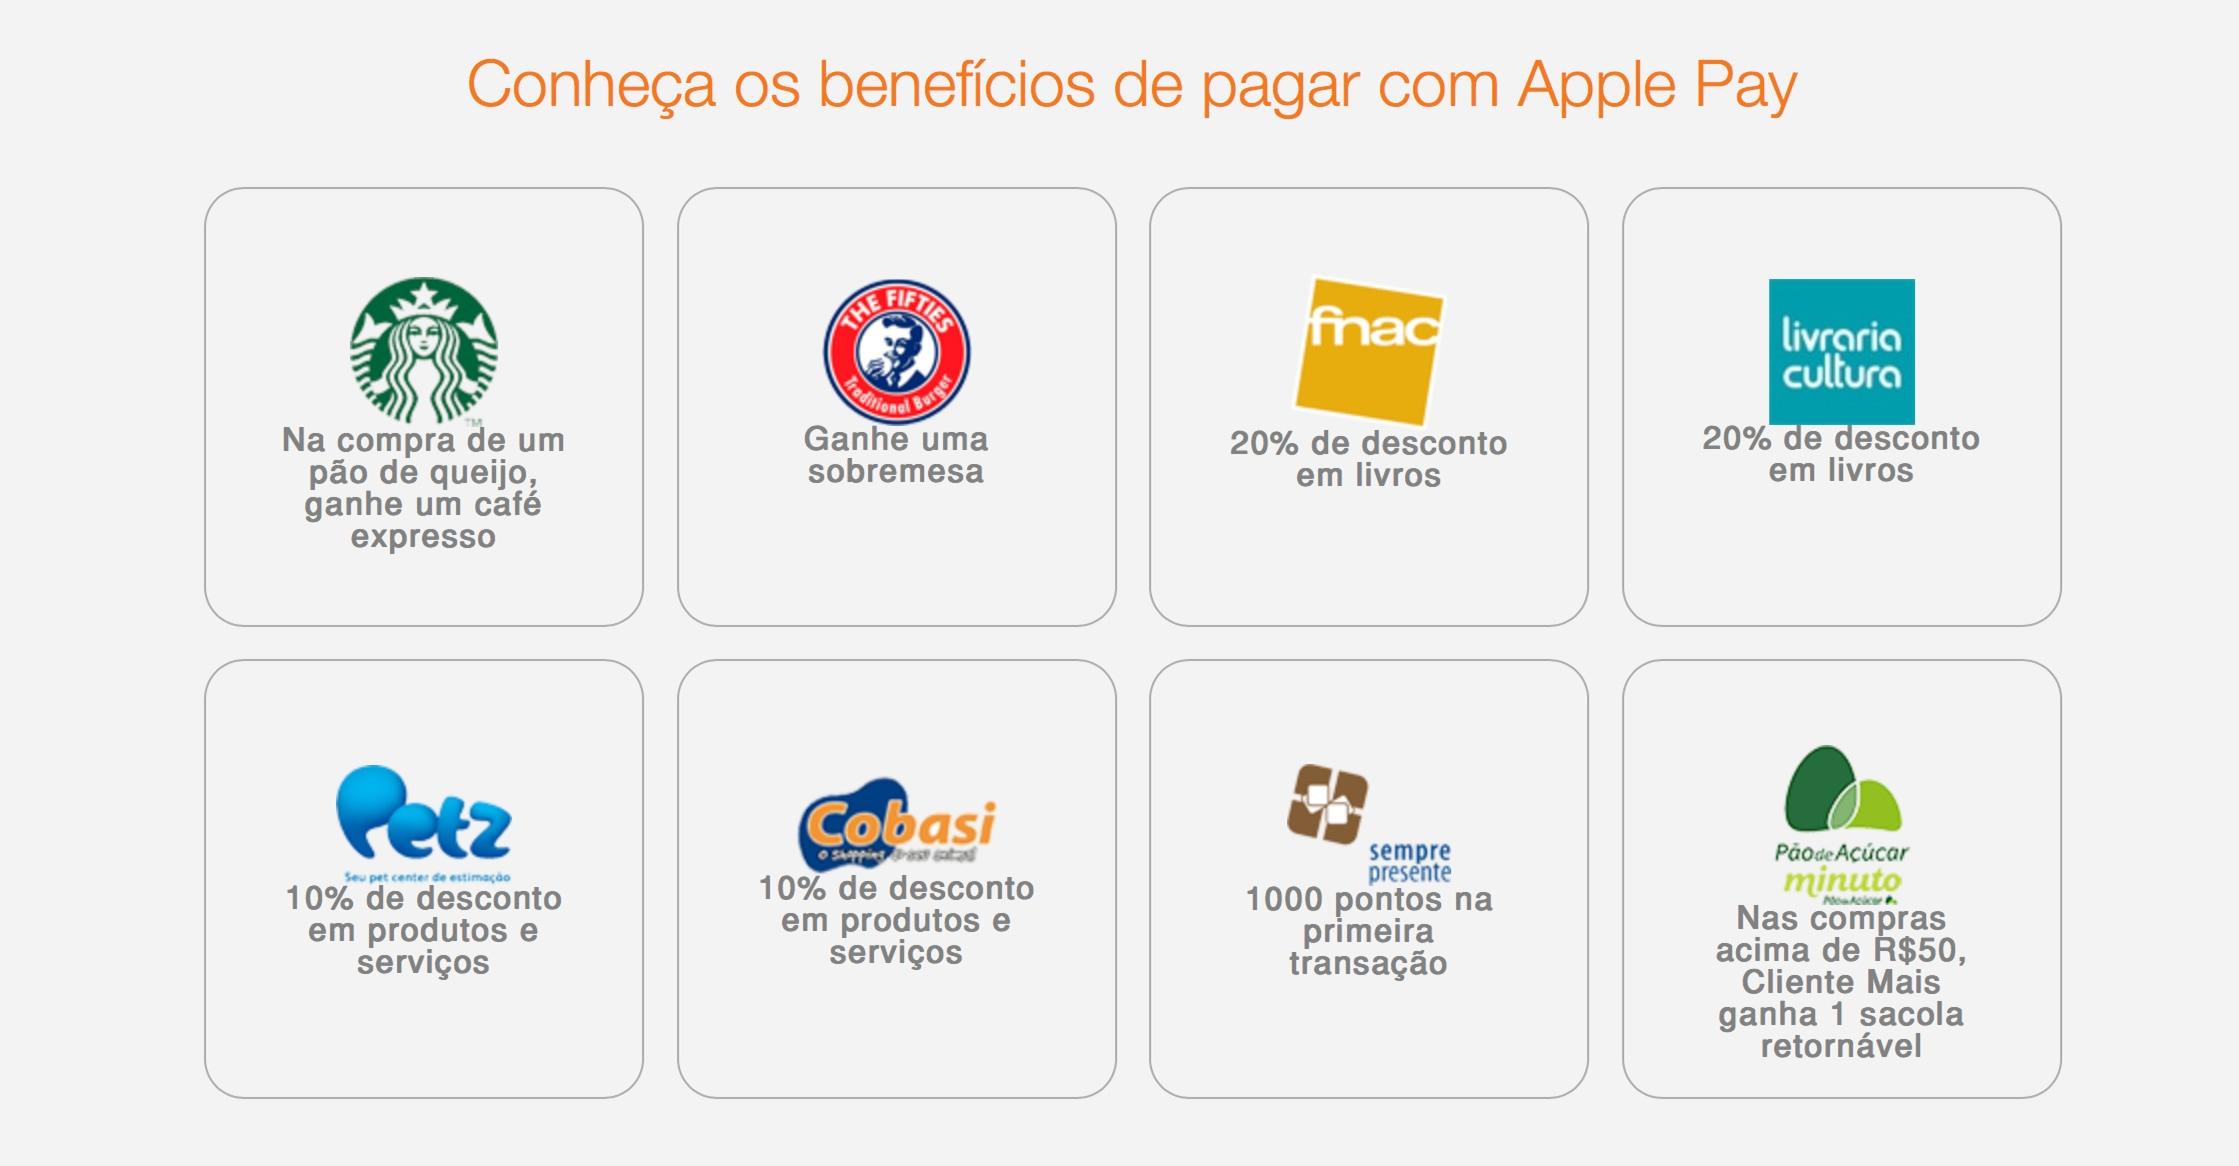 Benefícios de usar o Apple Pay